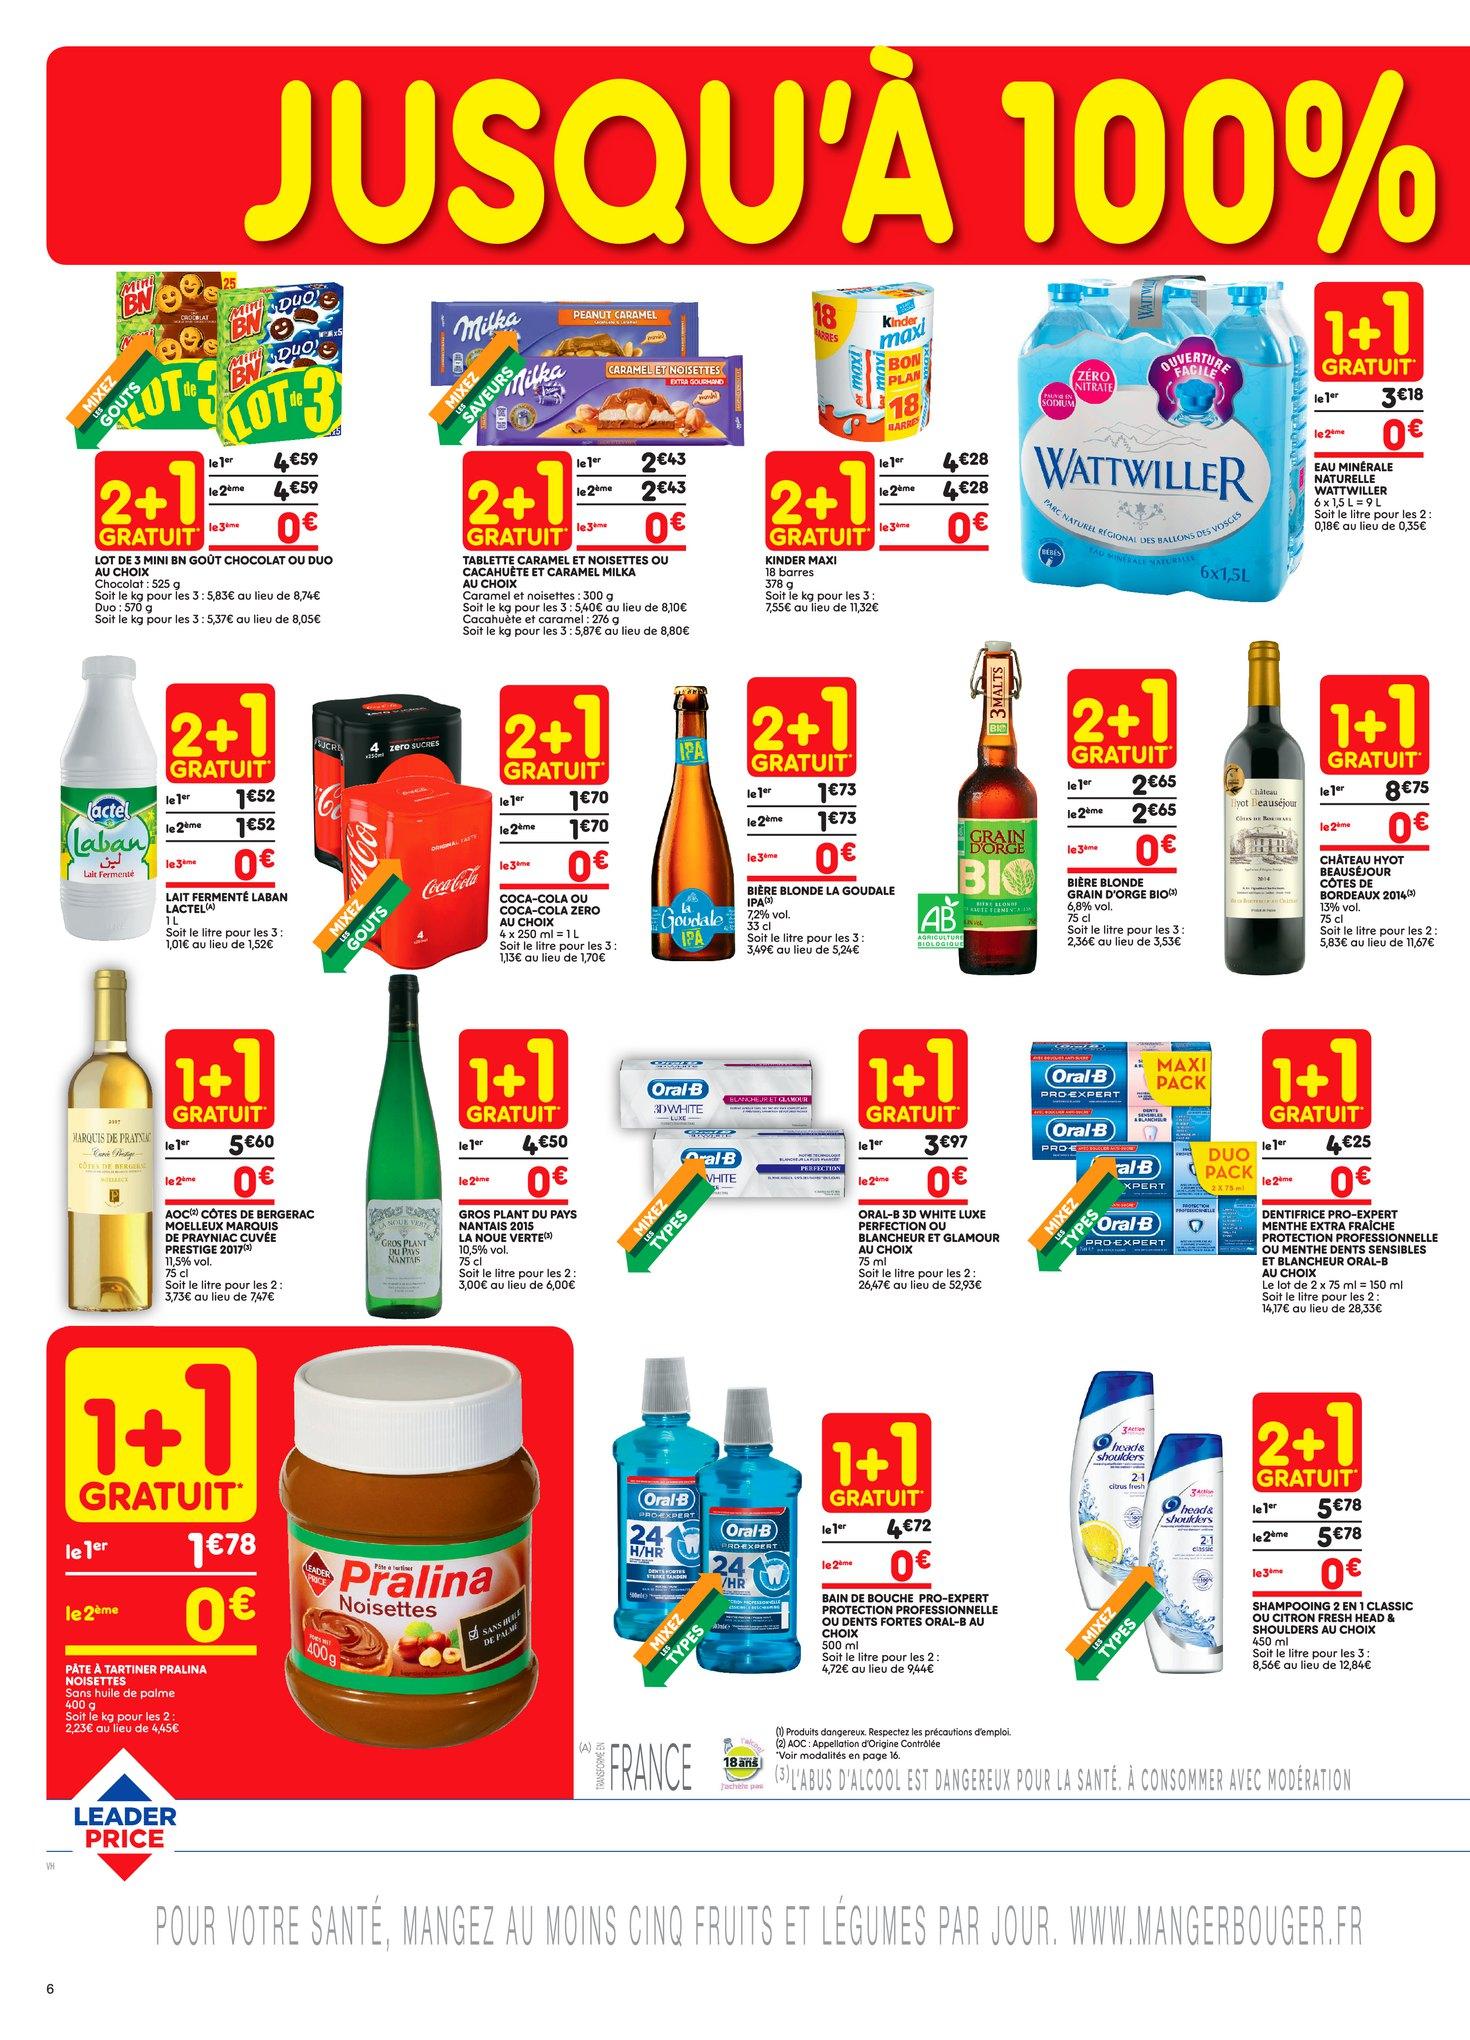 Catalogue Leader Price du 8 au 20 mai 2018 (Le Mois 100% Remboursé Vague 1) (6)